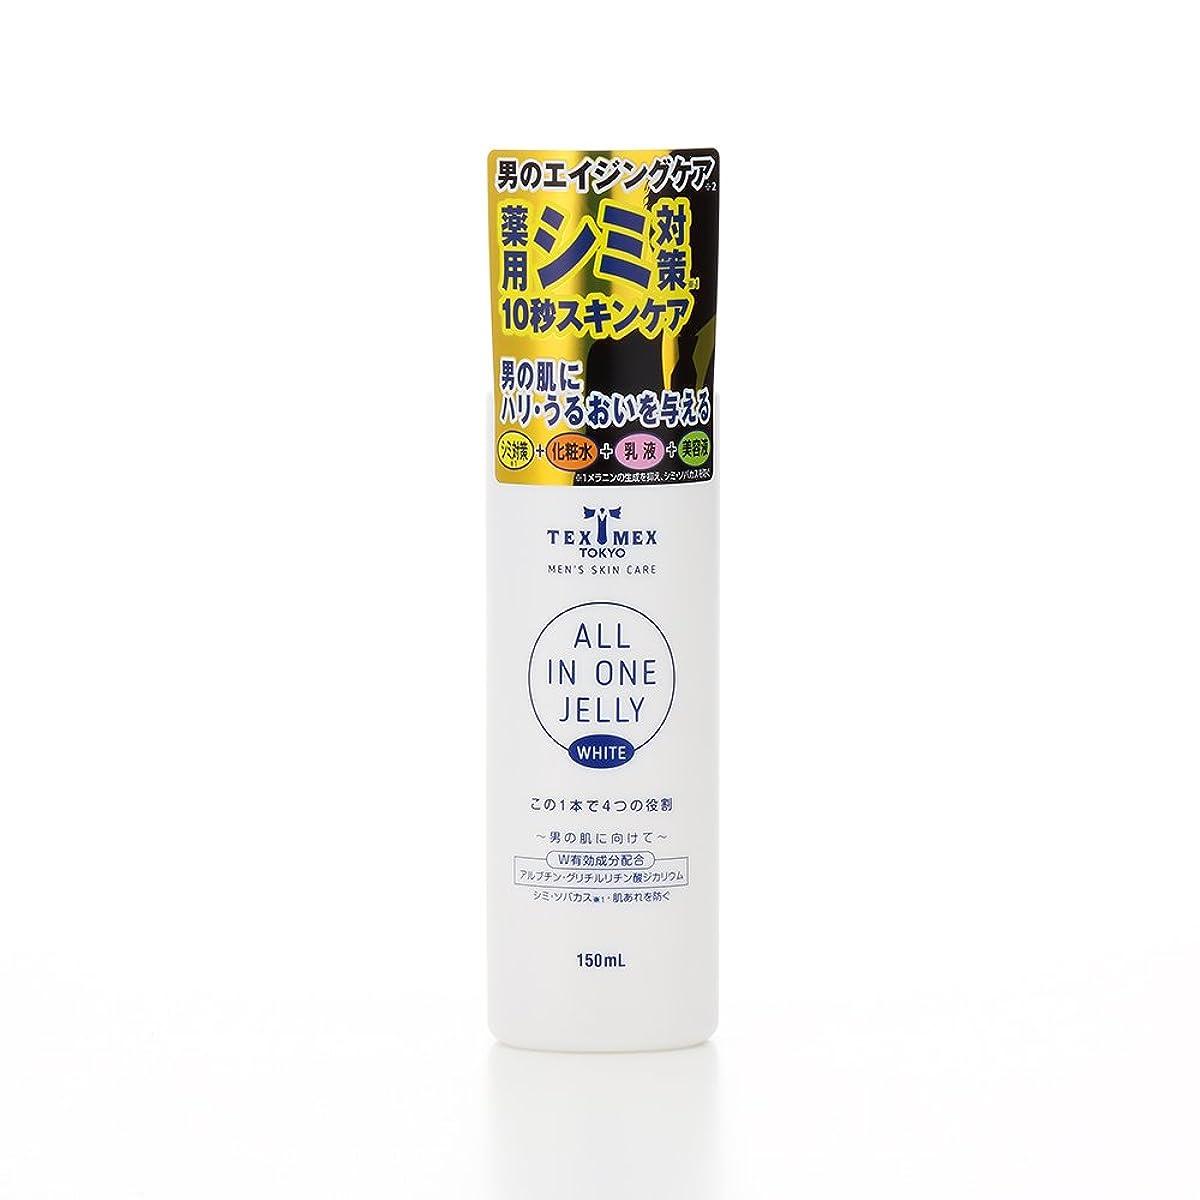 なしでダッシュ政策テックスメックス 薬用スキンケアジェリー WH (ジェル状美容液) 150mL (医薬部外品)